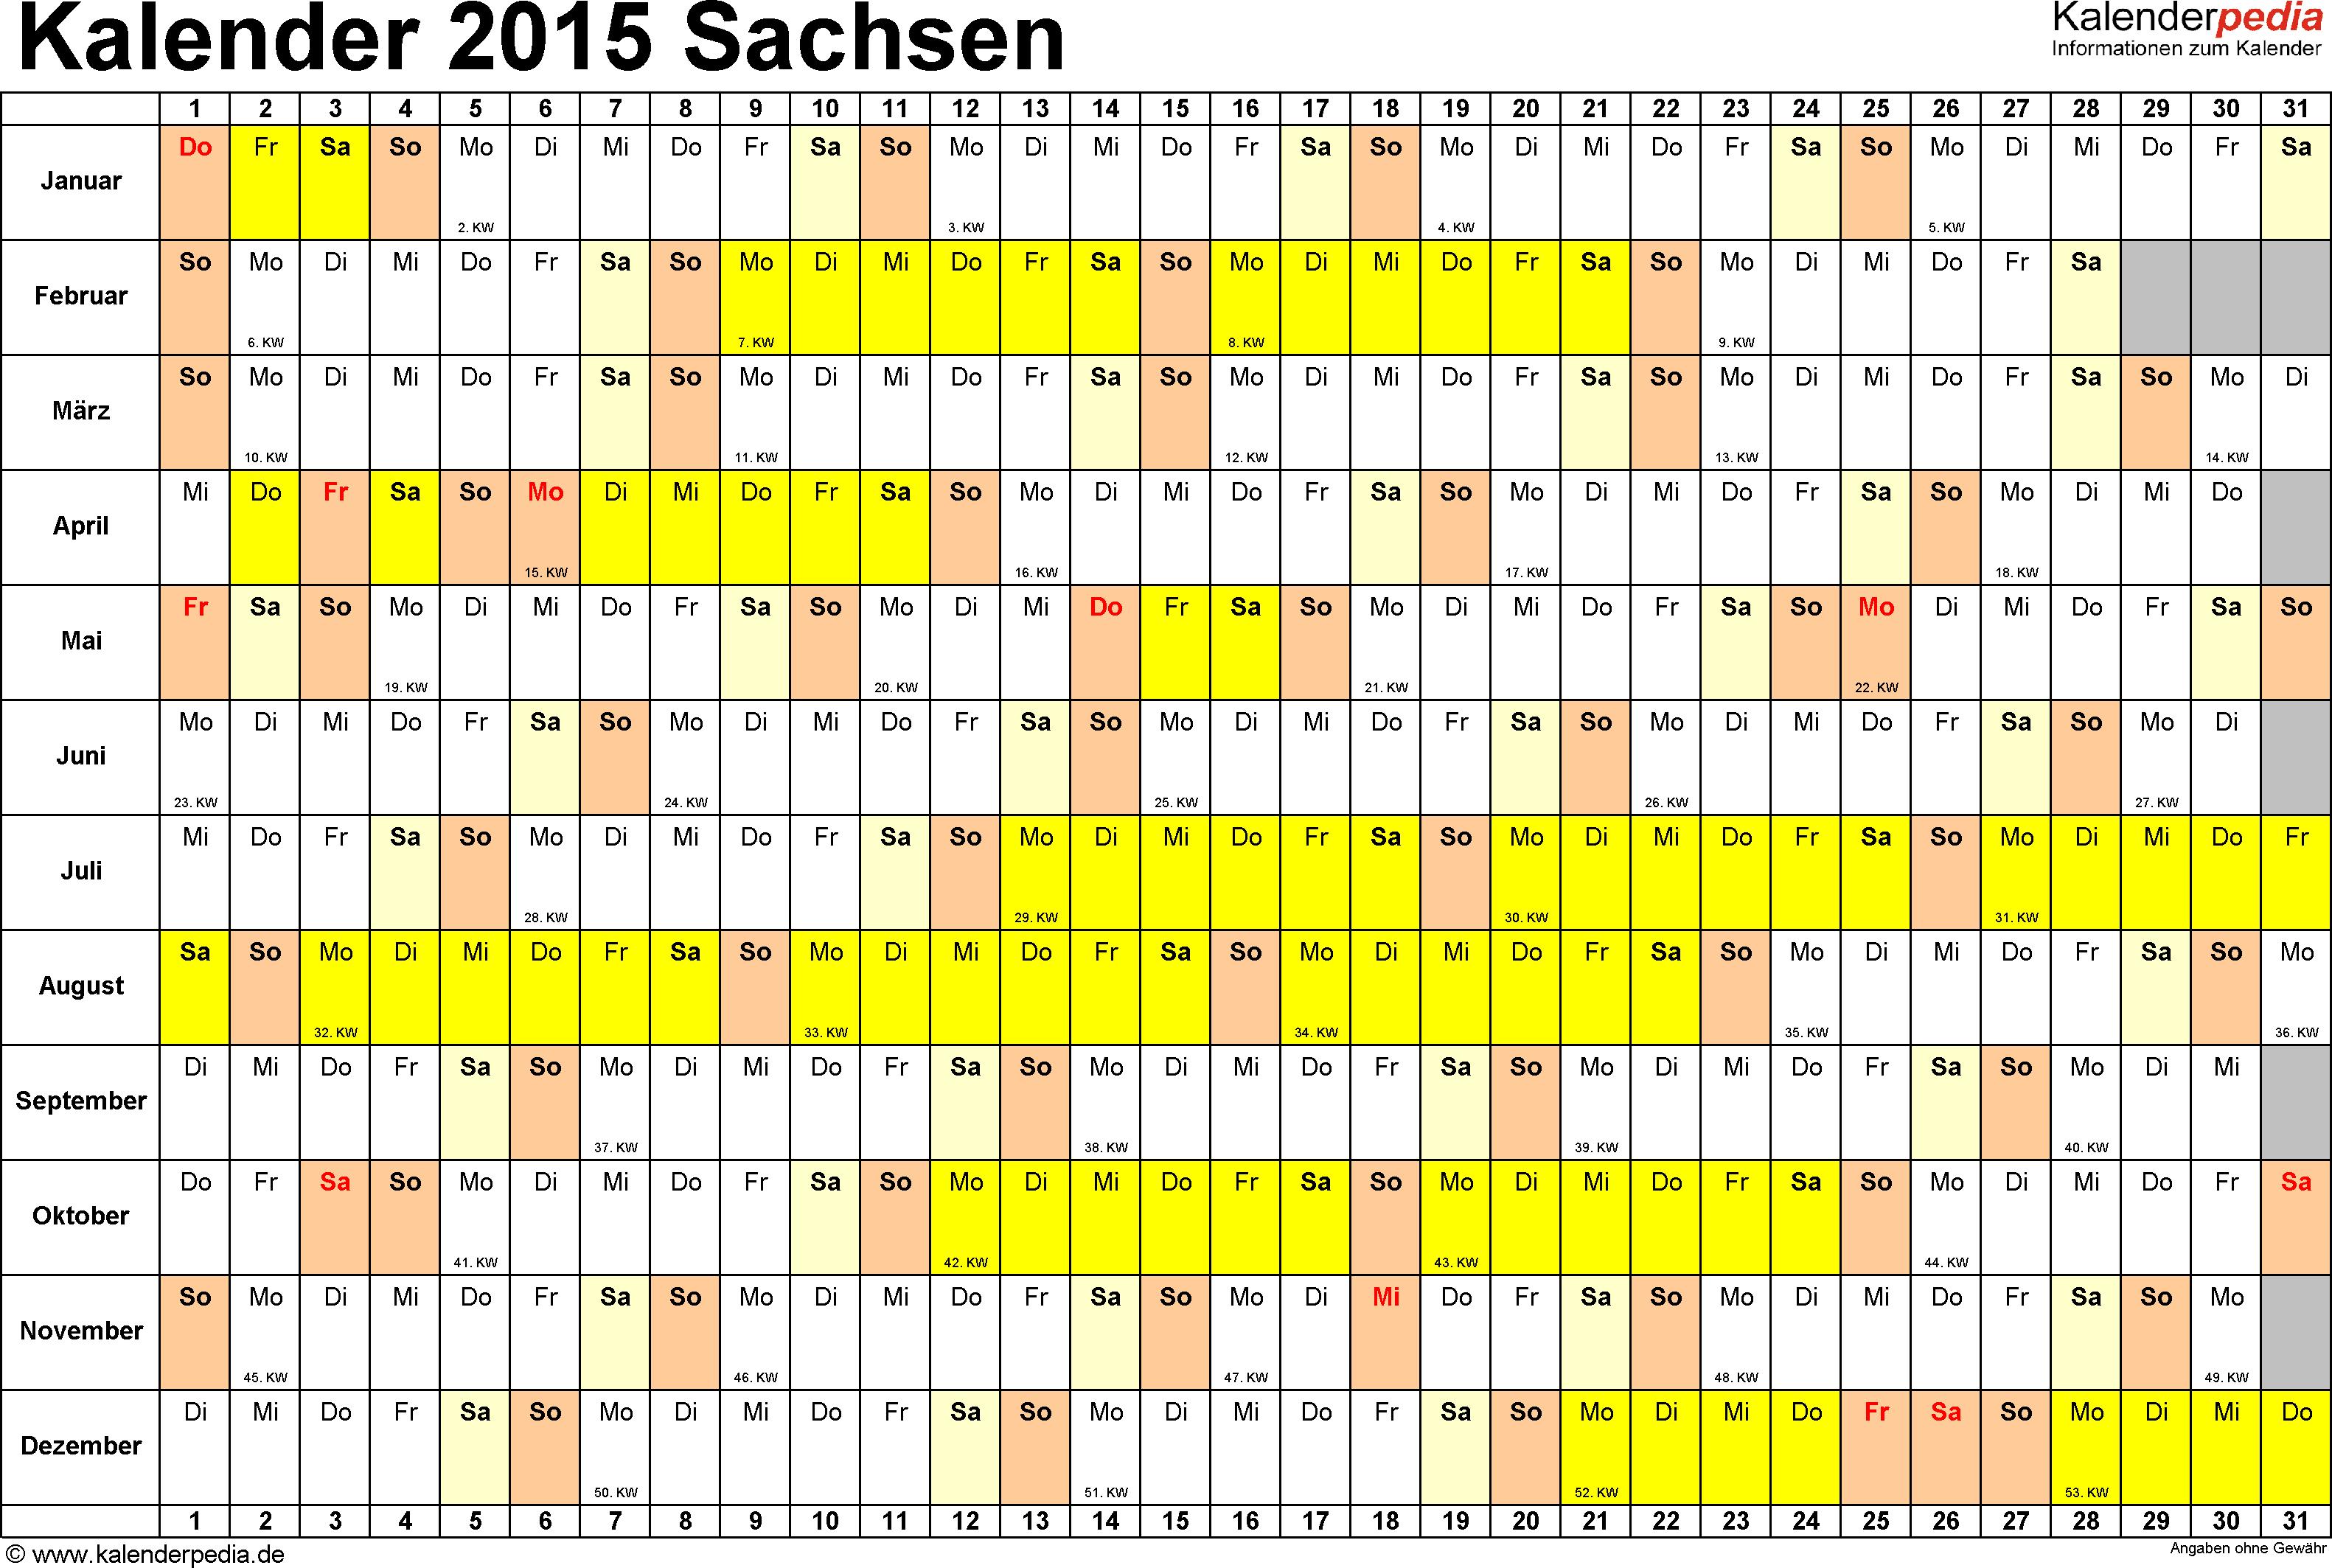 Kalender 2015 Sachsen: Ferien, Feiertage, Excel-Vorlagen